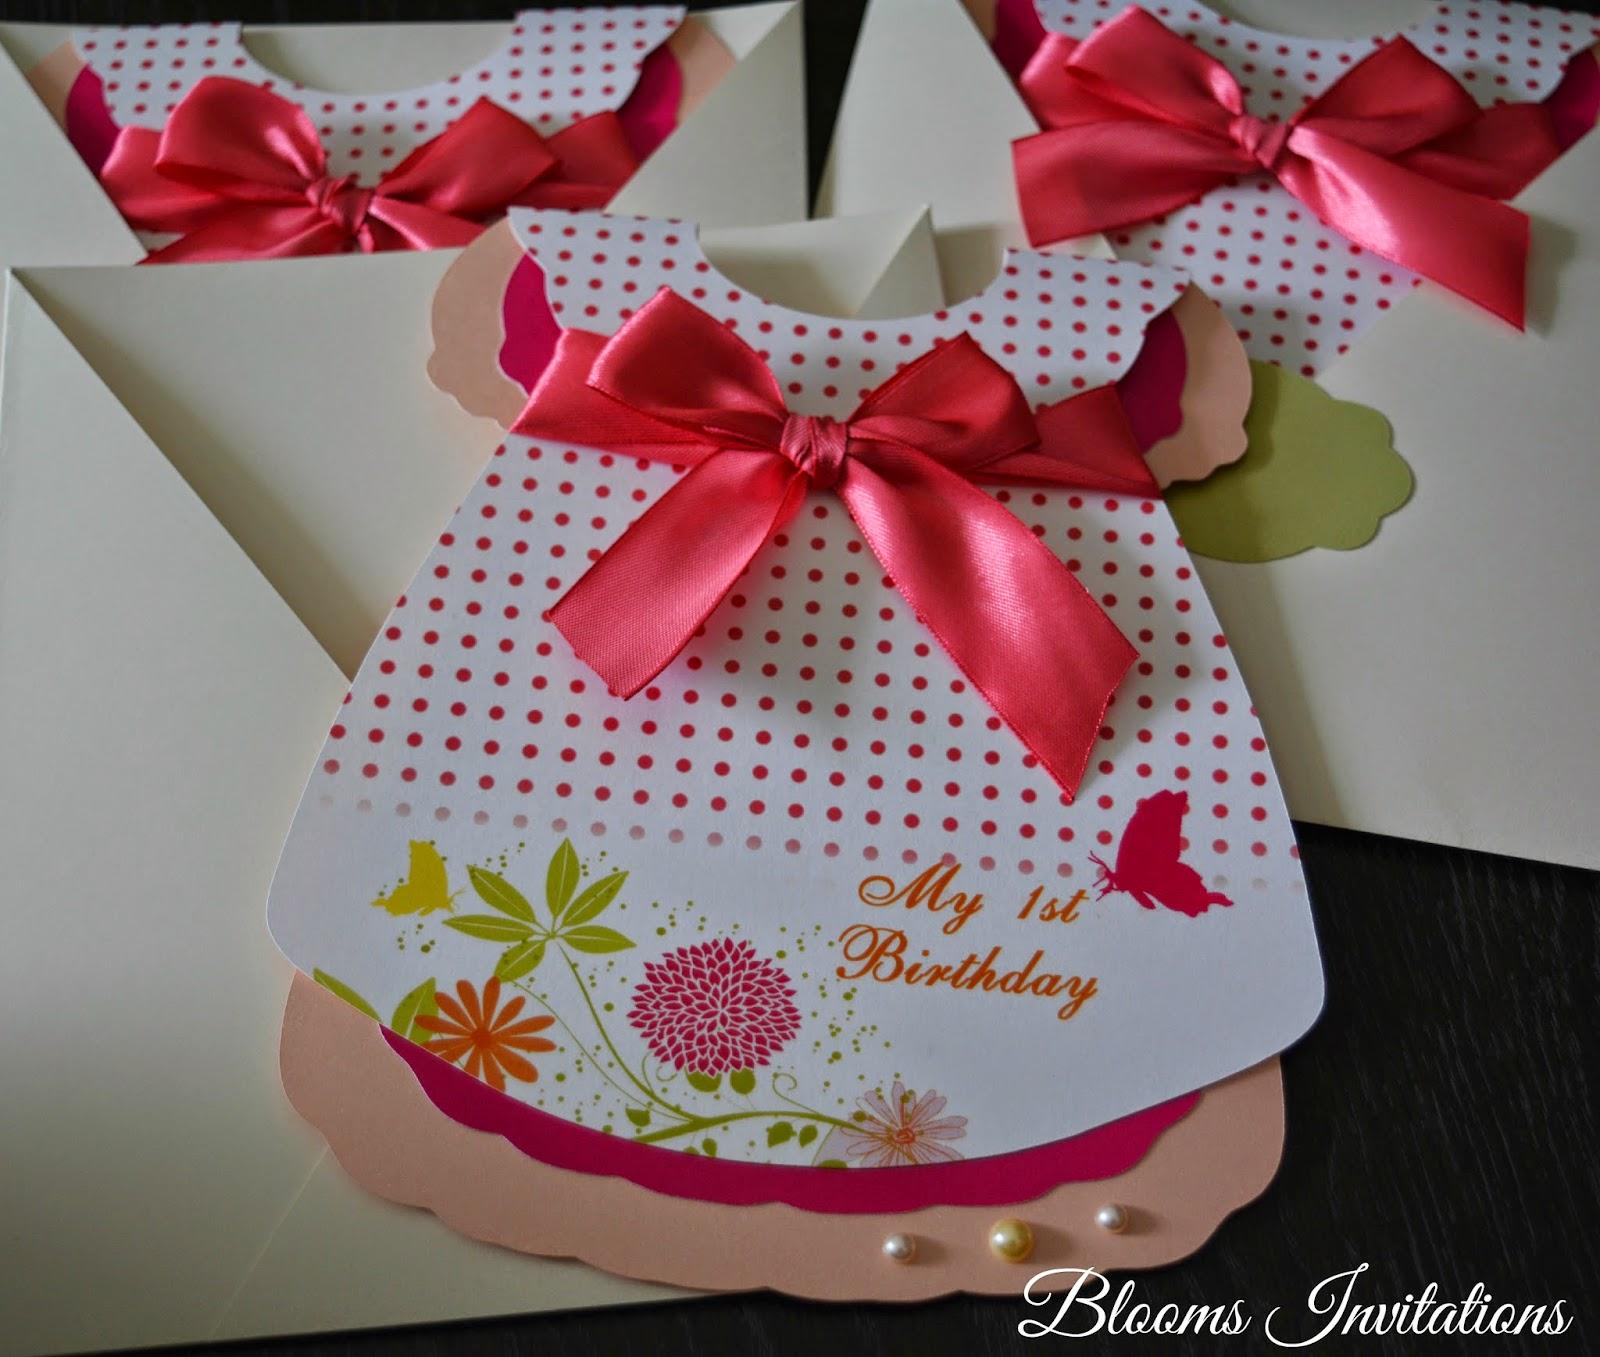 unique birthday invites - Romeo.landinez.co